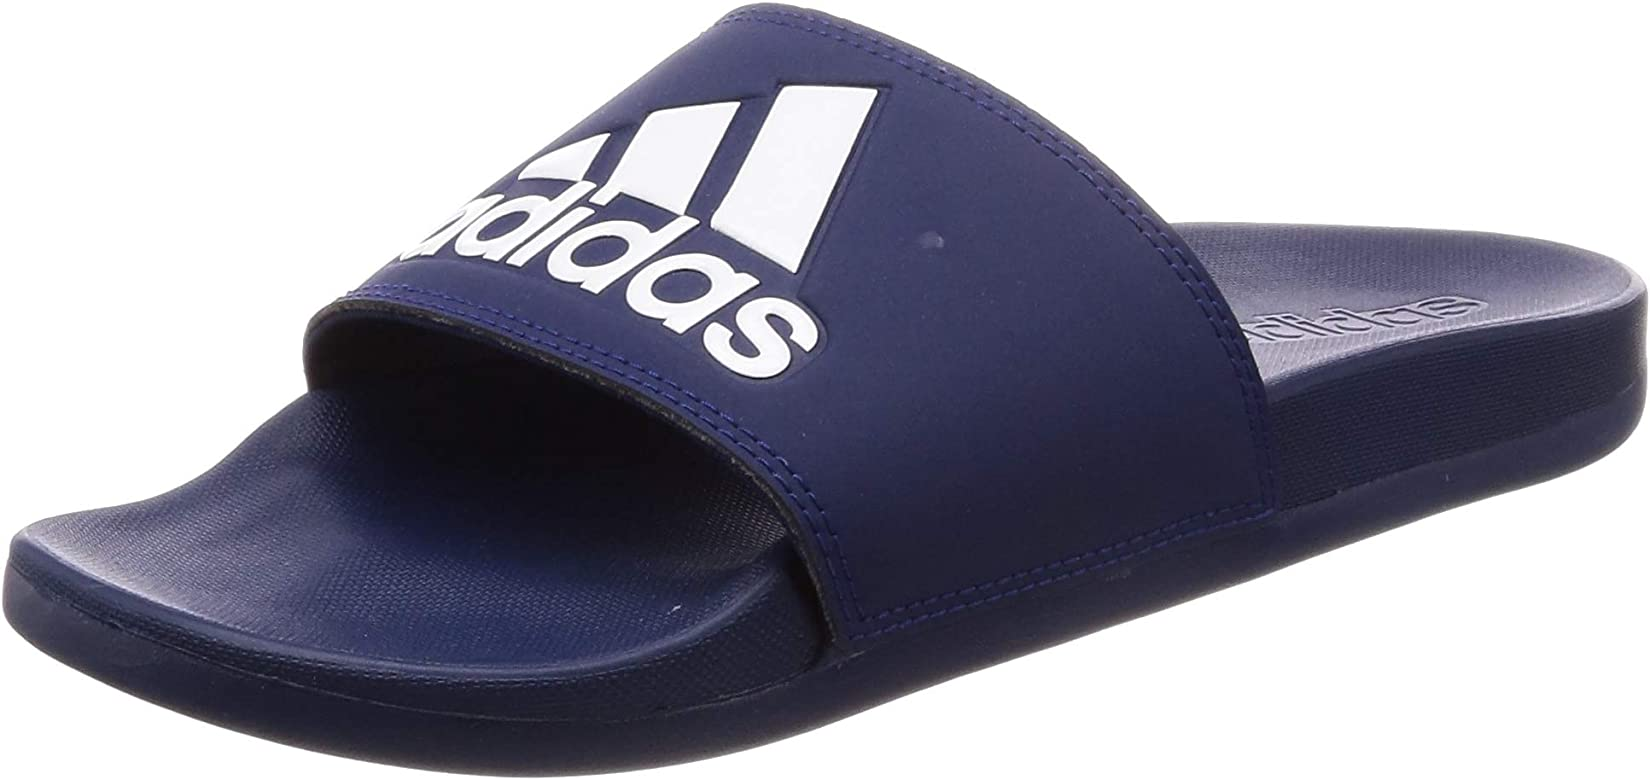 adidas Adilette Comfort Dark Blue